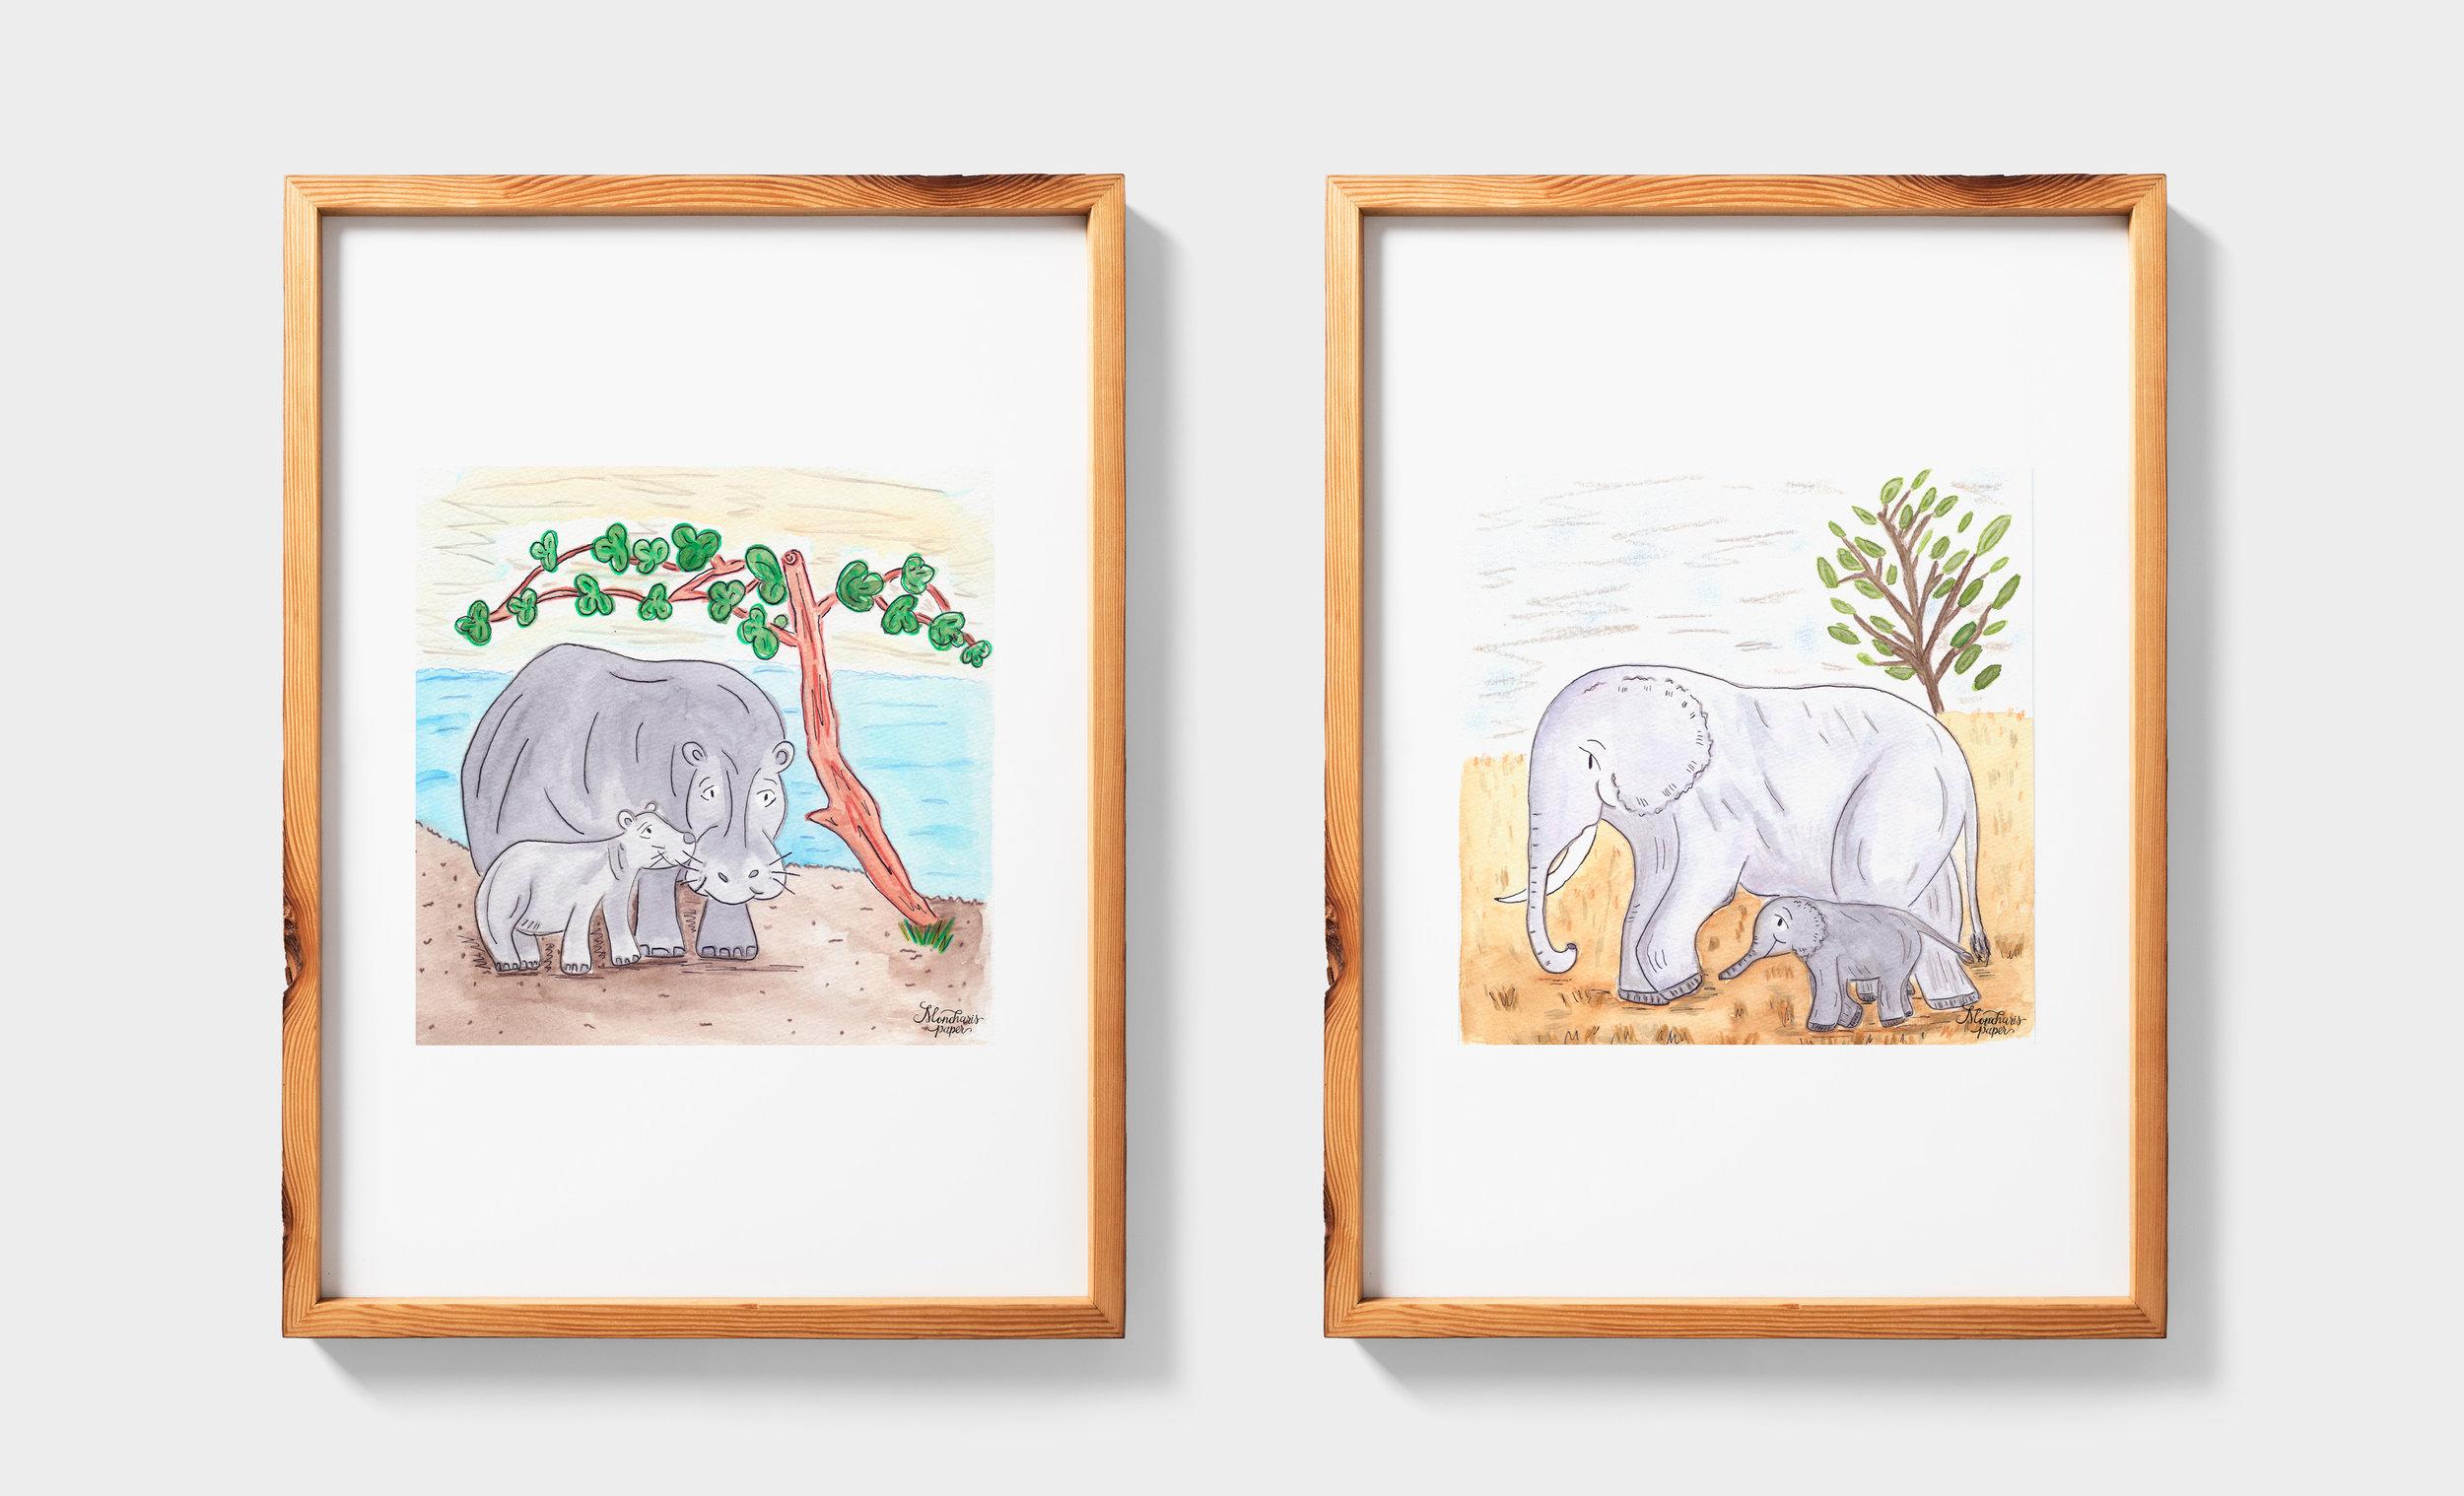 New-Safari-posters-moncharis-paper.jpg